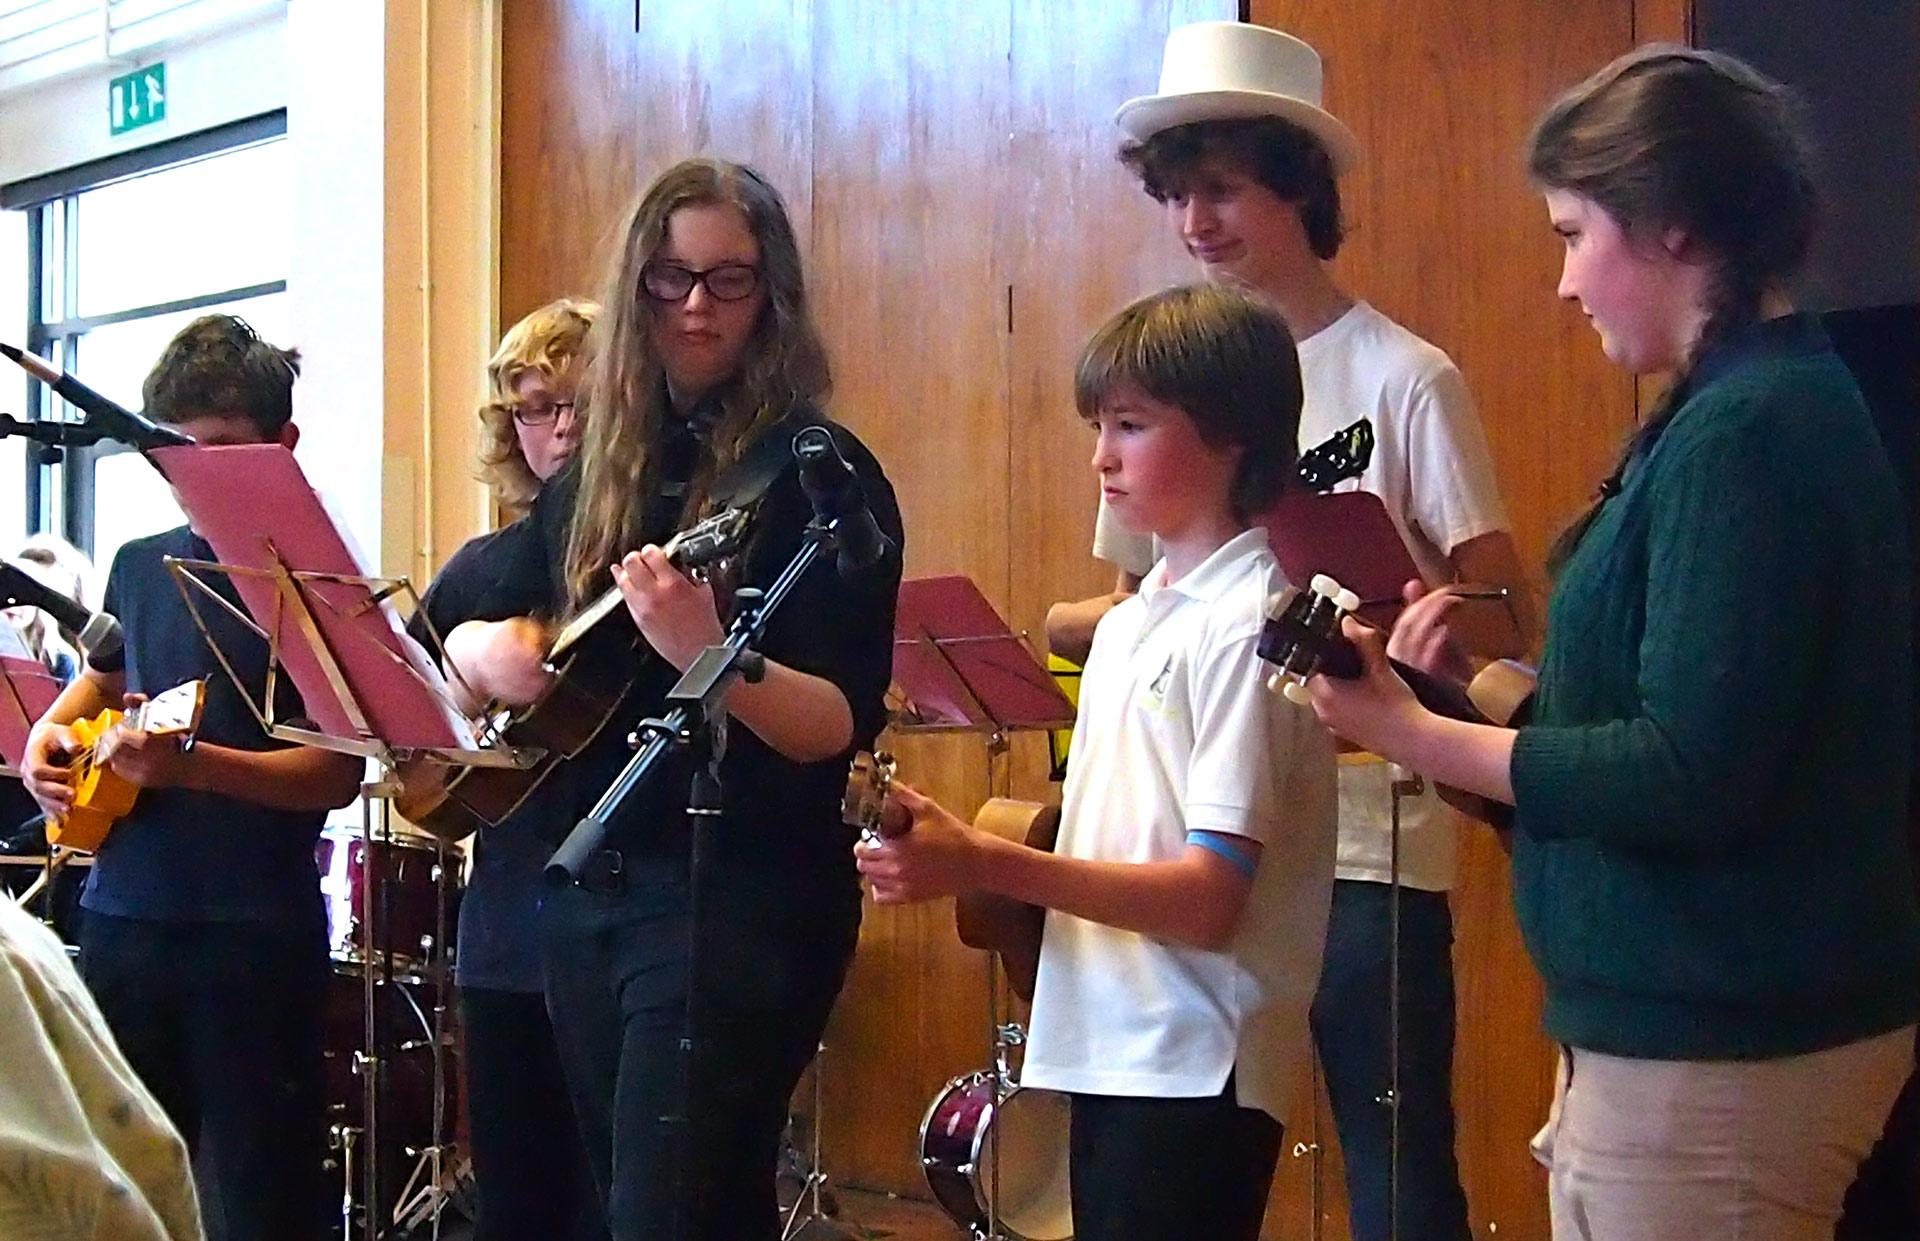 St. Mary's Ukulele Orchestra